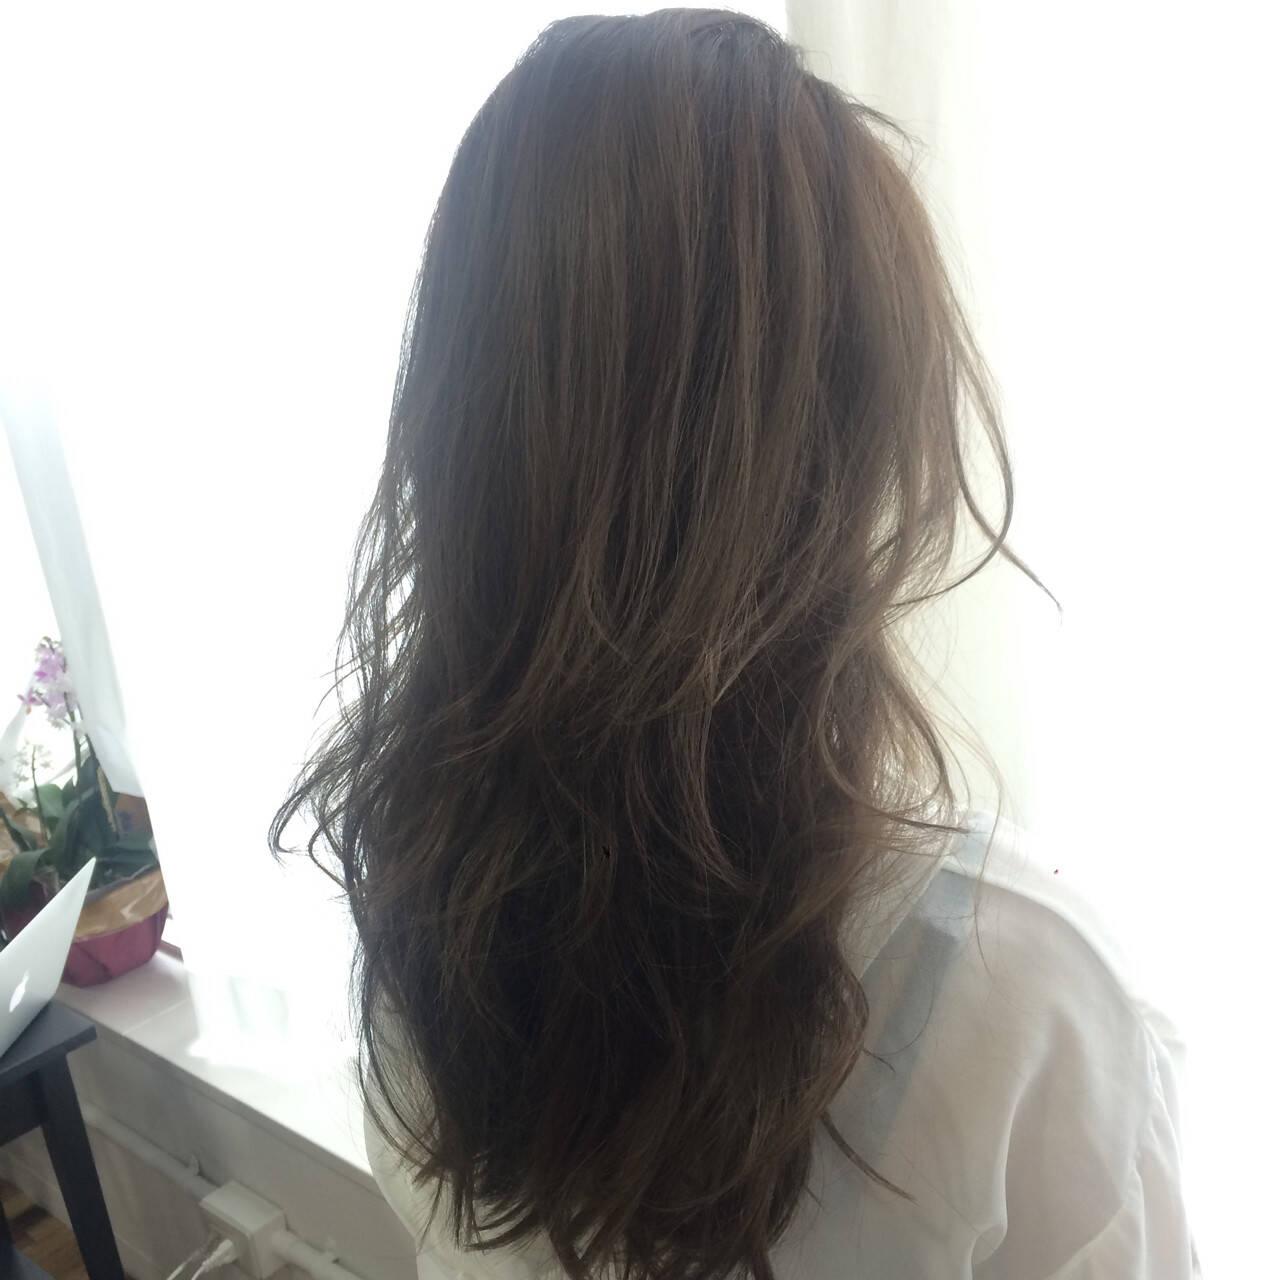 アッシュベージュ アッシュ ナチュラル セミロングヘアスタイルや髪型の写真・画像